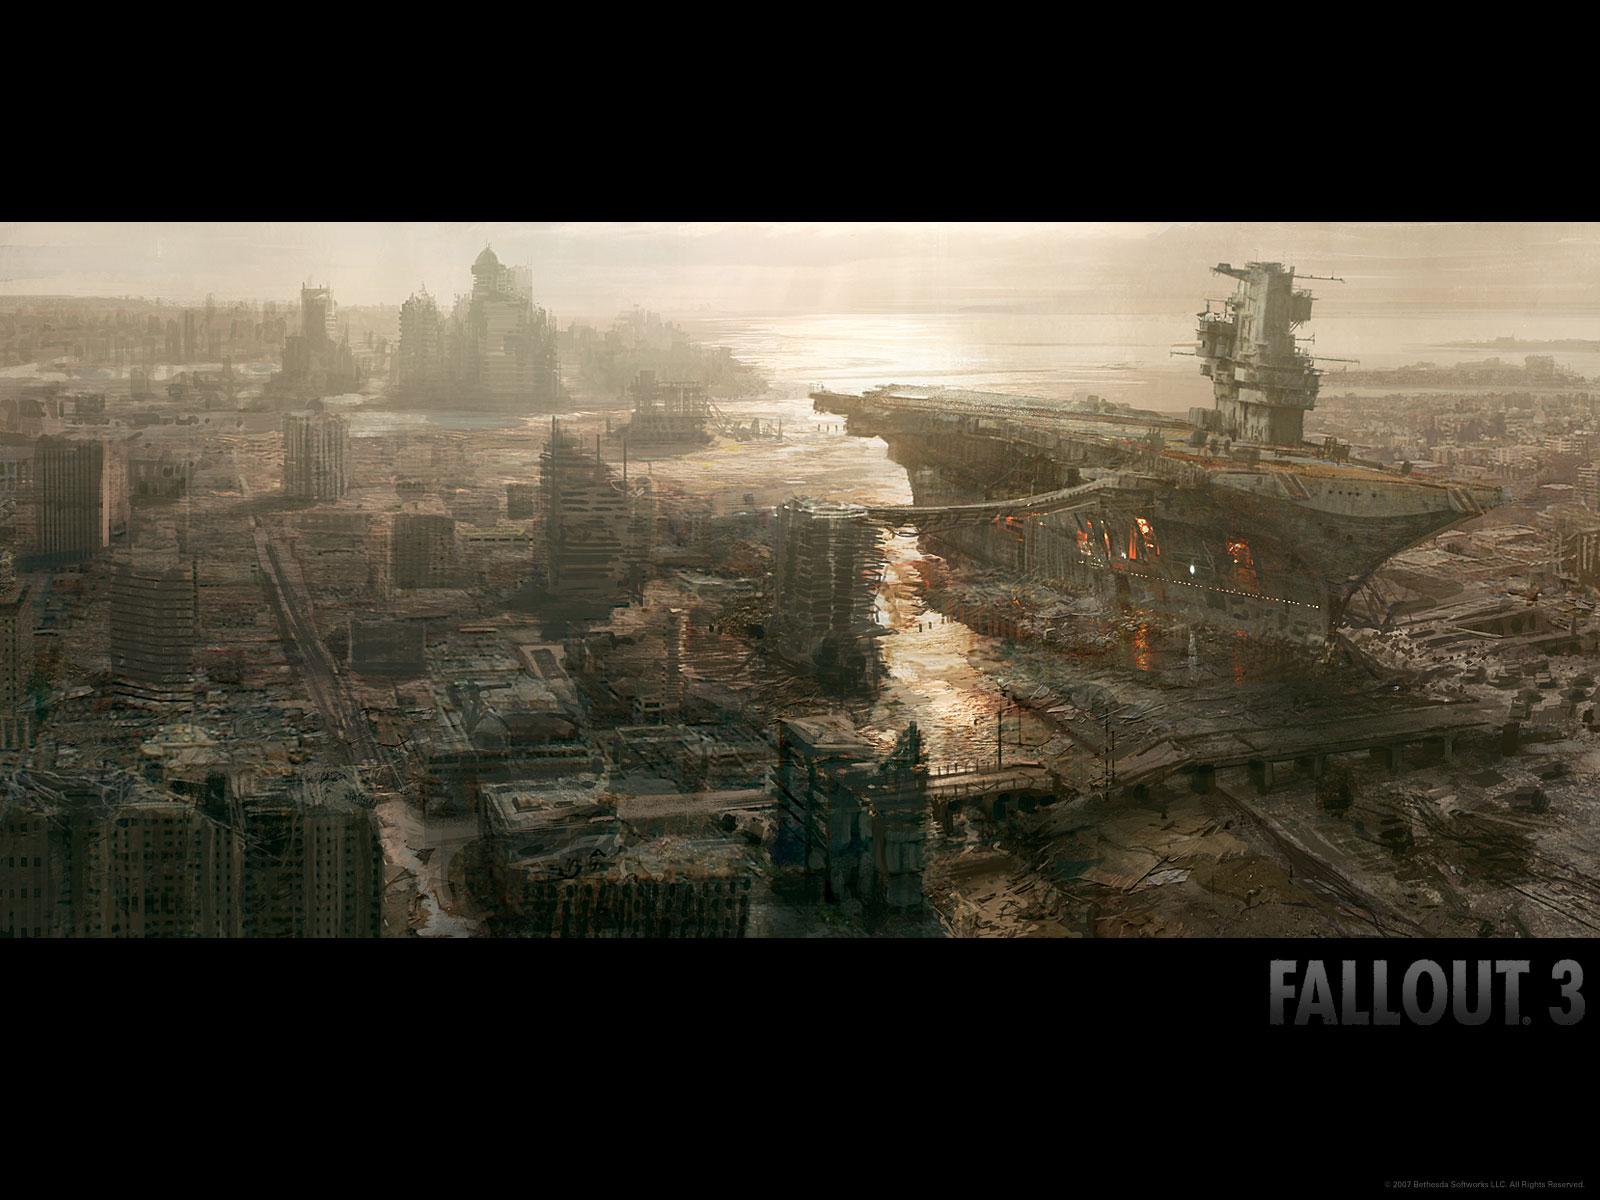 fallout-wp2-1600×1200.jpg